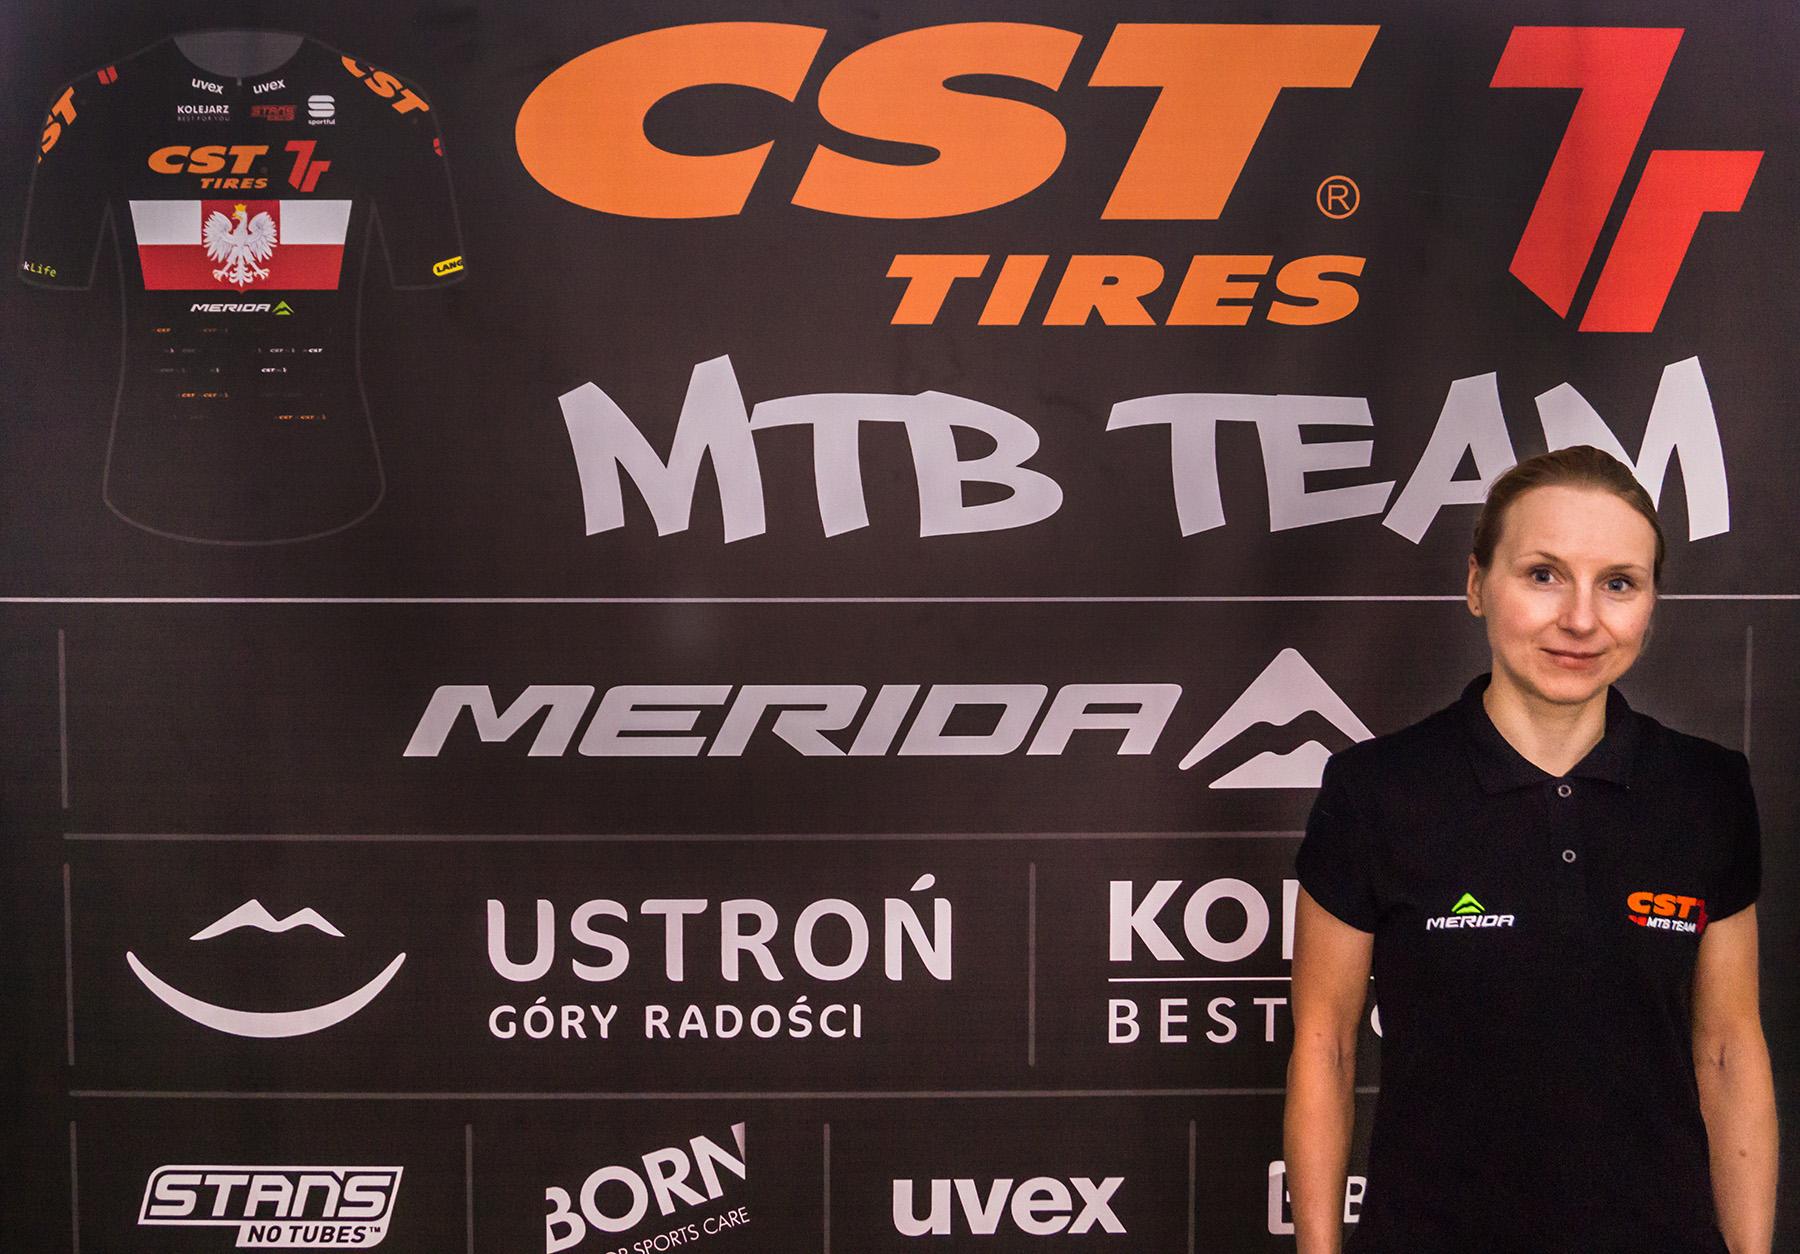 Michalina Ziółkowska wzmacnia Team CST 7R